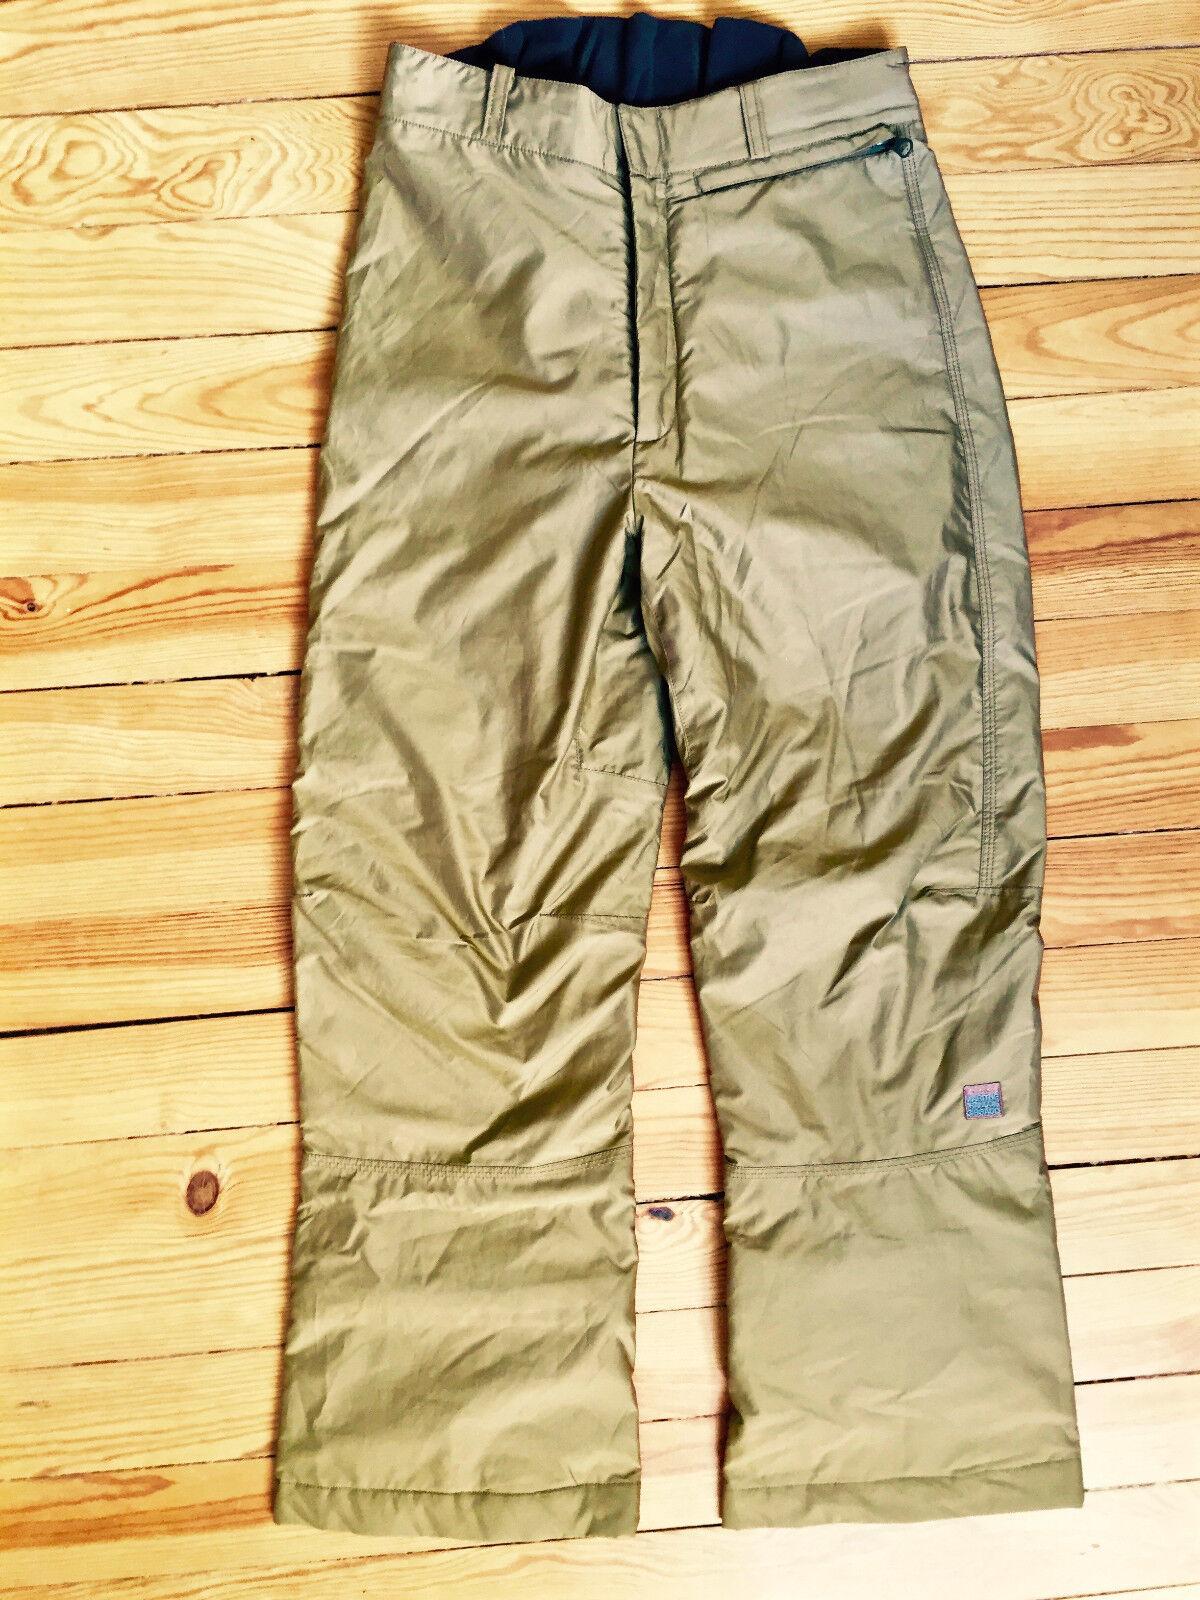 Lusso Pantaloni da Sci Dorato Marithe Francois Girbaud T 44 Fr I48 come Nuovo